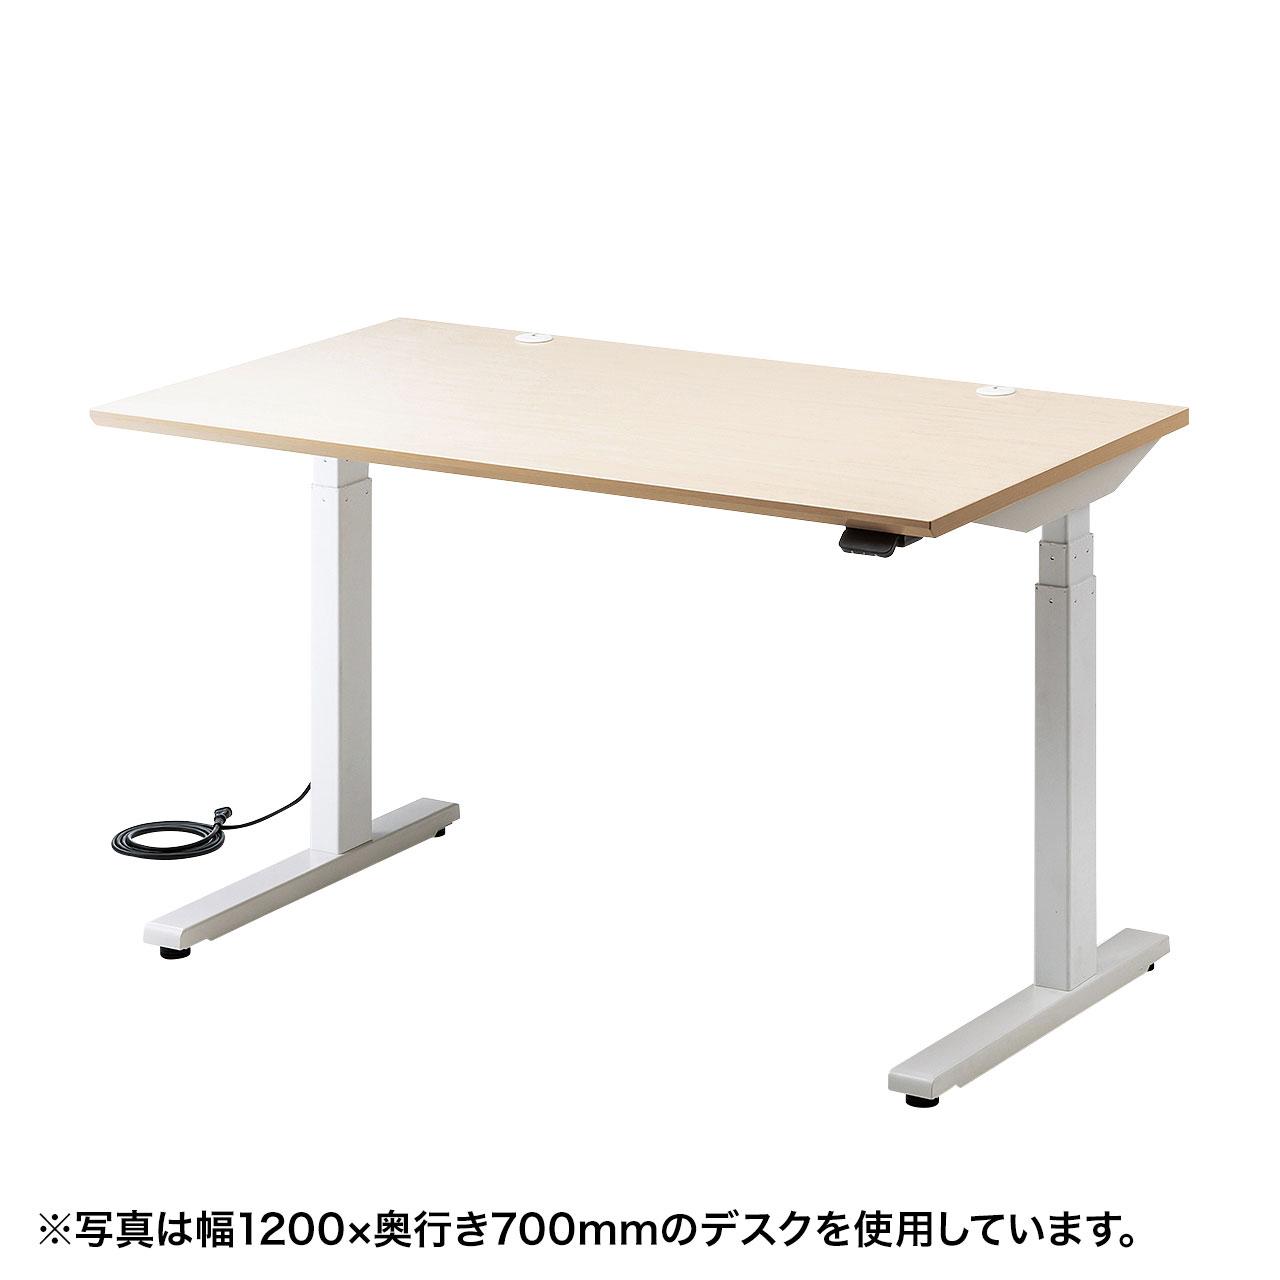 電動上下昇降デスク(W1000×D800mm・薄い木目)商品画像